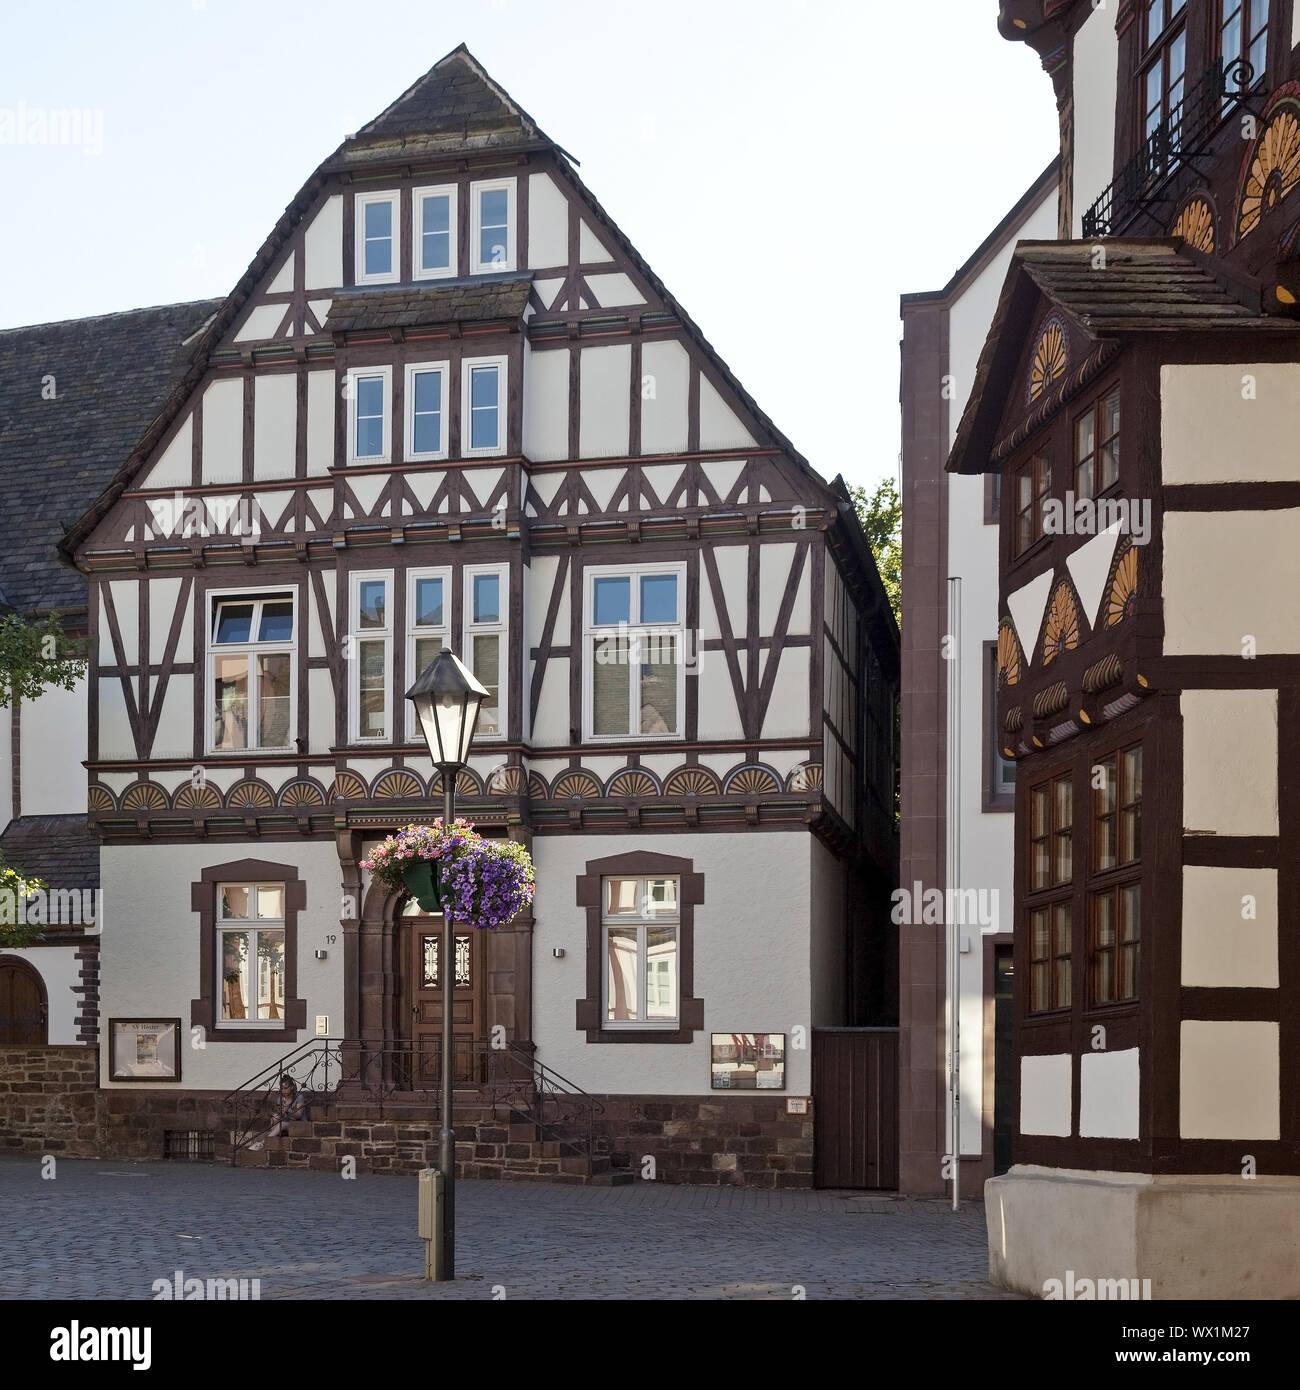 Historische Fachwerkhaus, Altstadt, Höxter, Weserbergland, Ostwestfalen, Deutschland, Europa Stockfoto